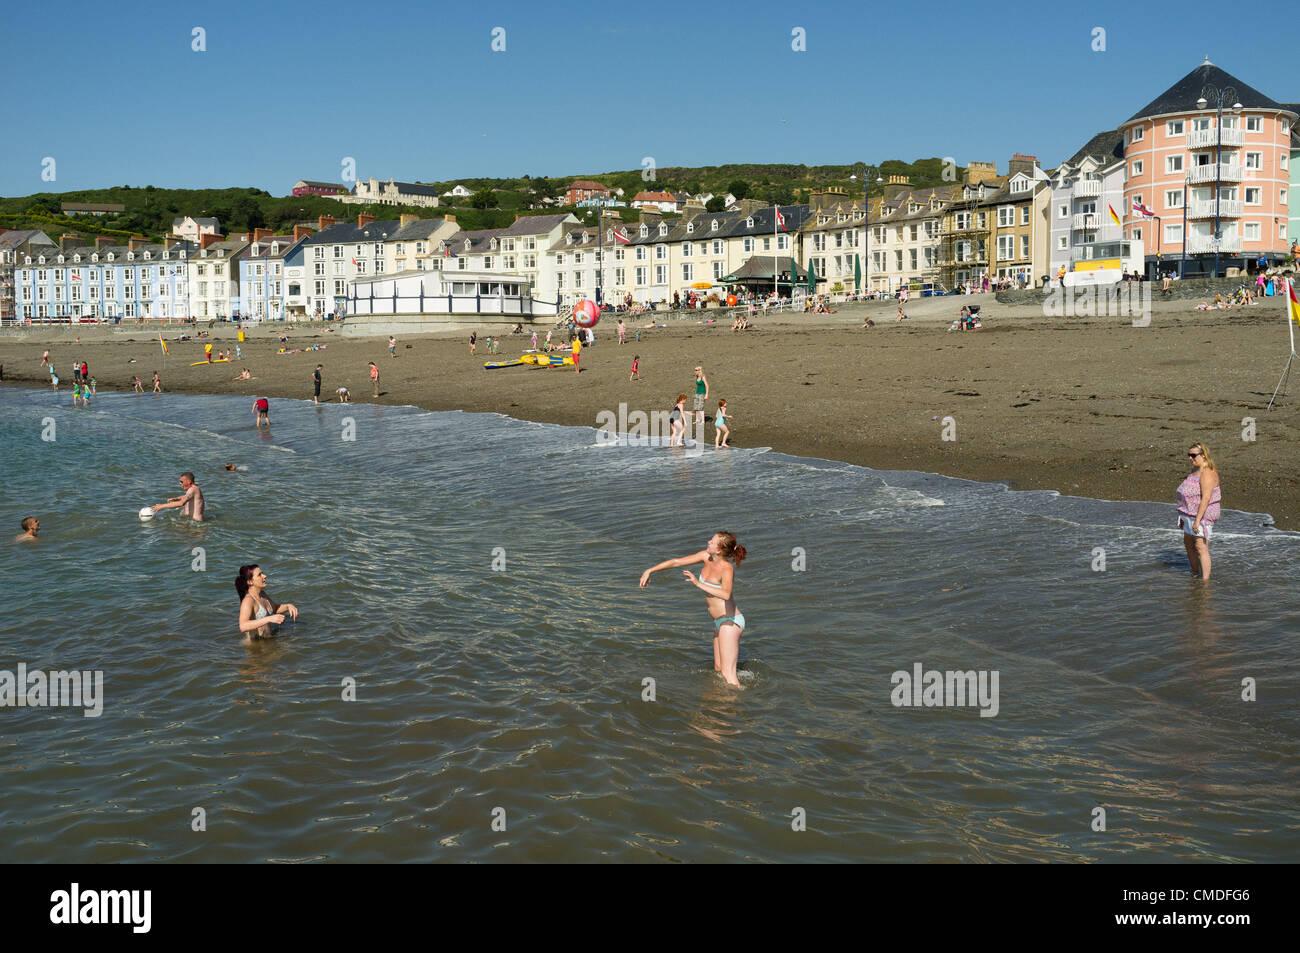 Dienstag, 24. Juli 2012. Aberystwyth, Wales, UK. Das warme Wetter weiter über das Vereinigte Königreich Stockbild